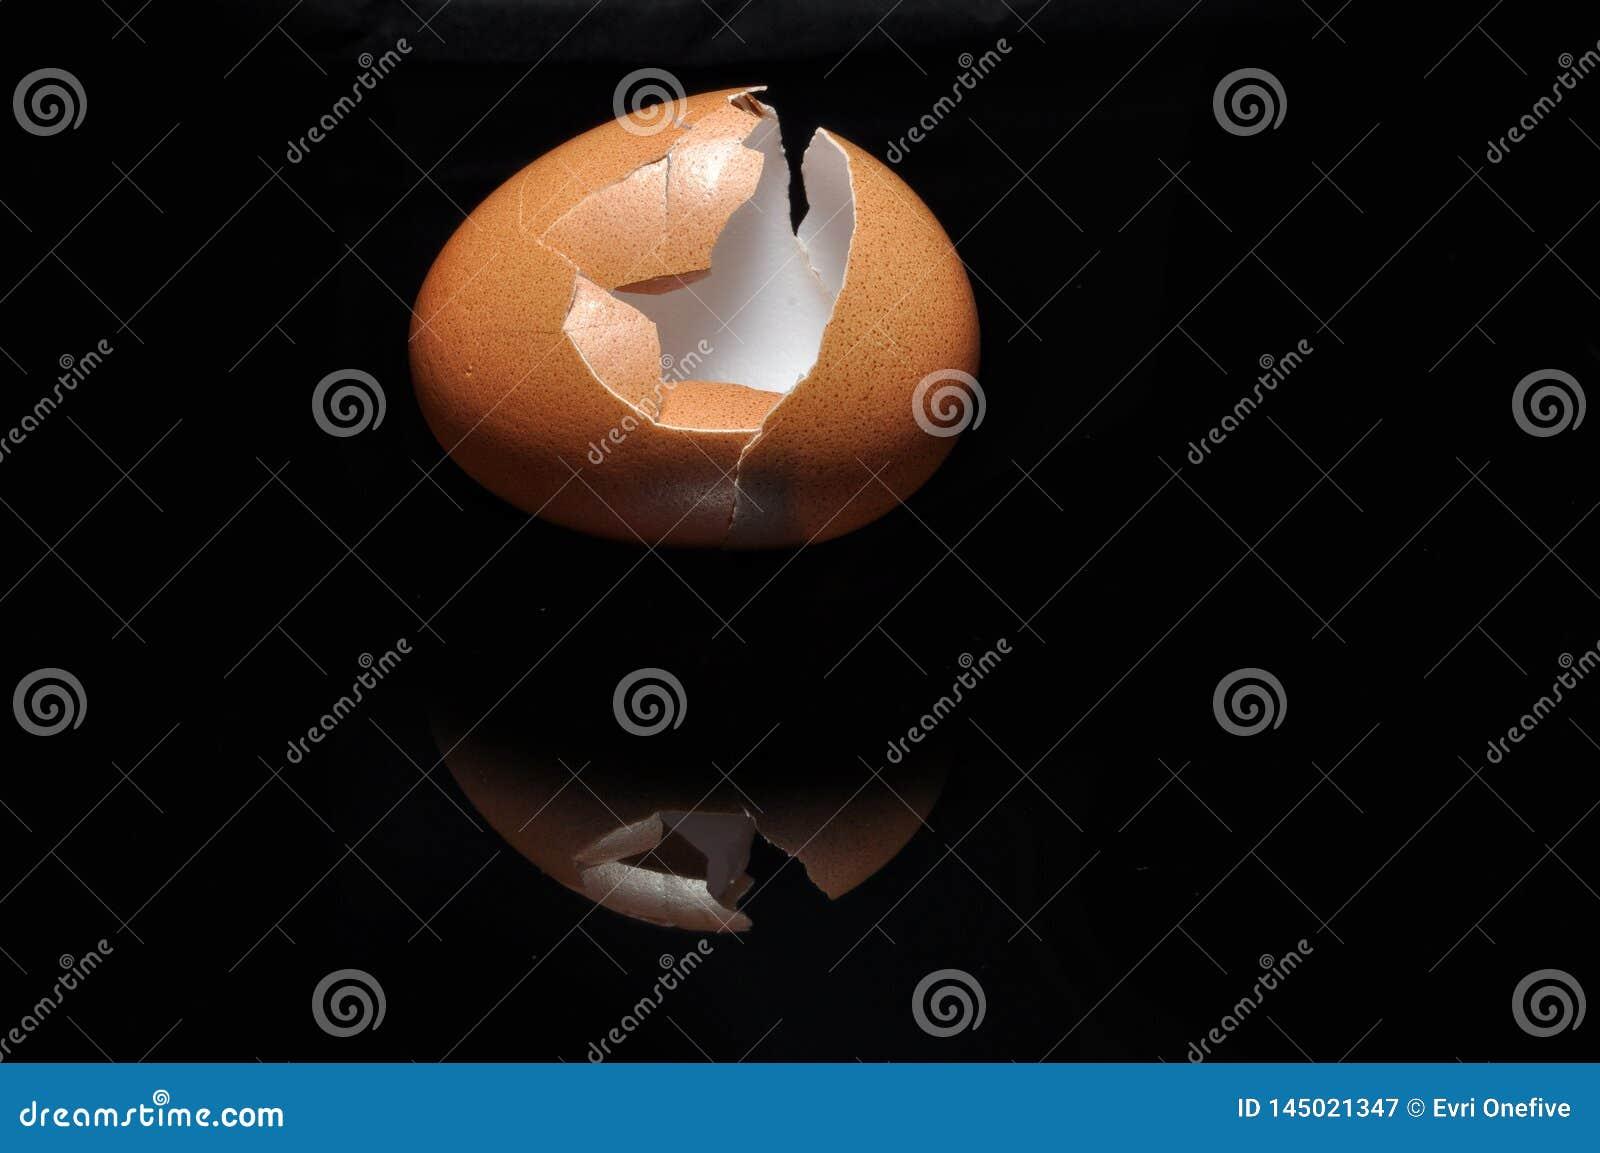 Egg shell  on black background